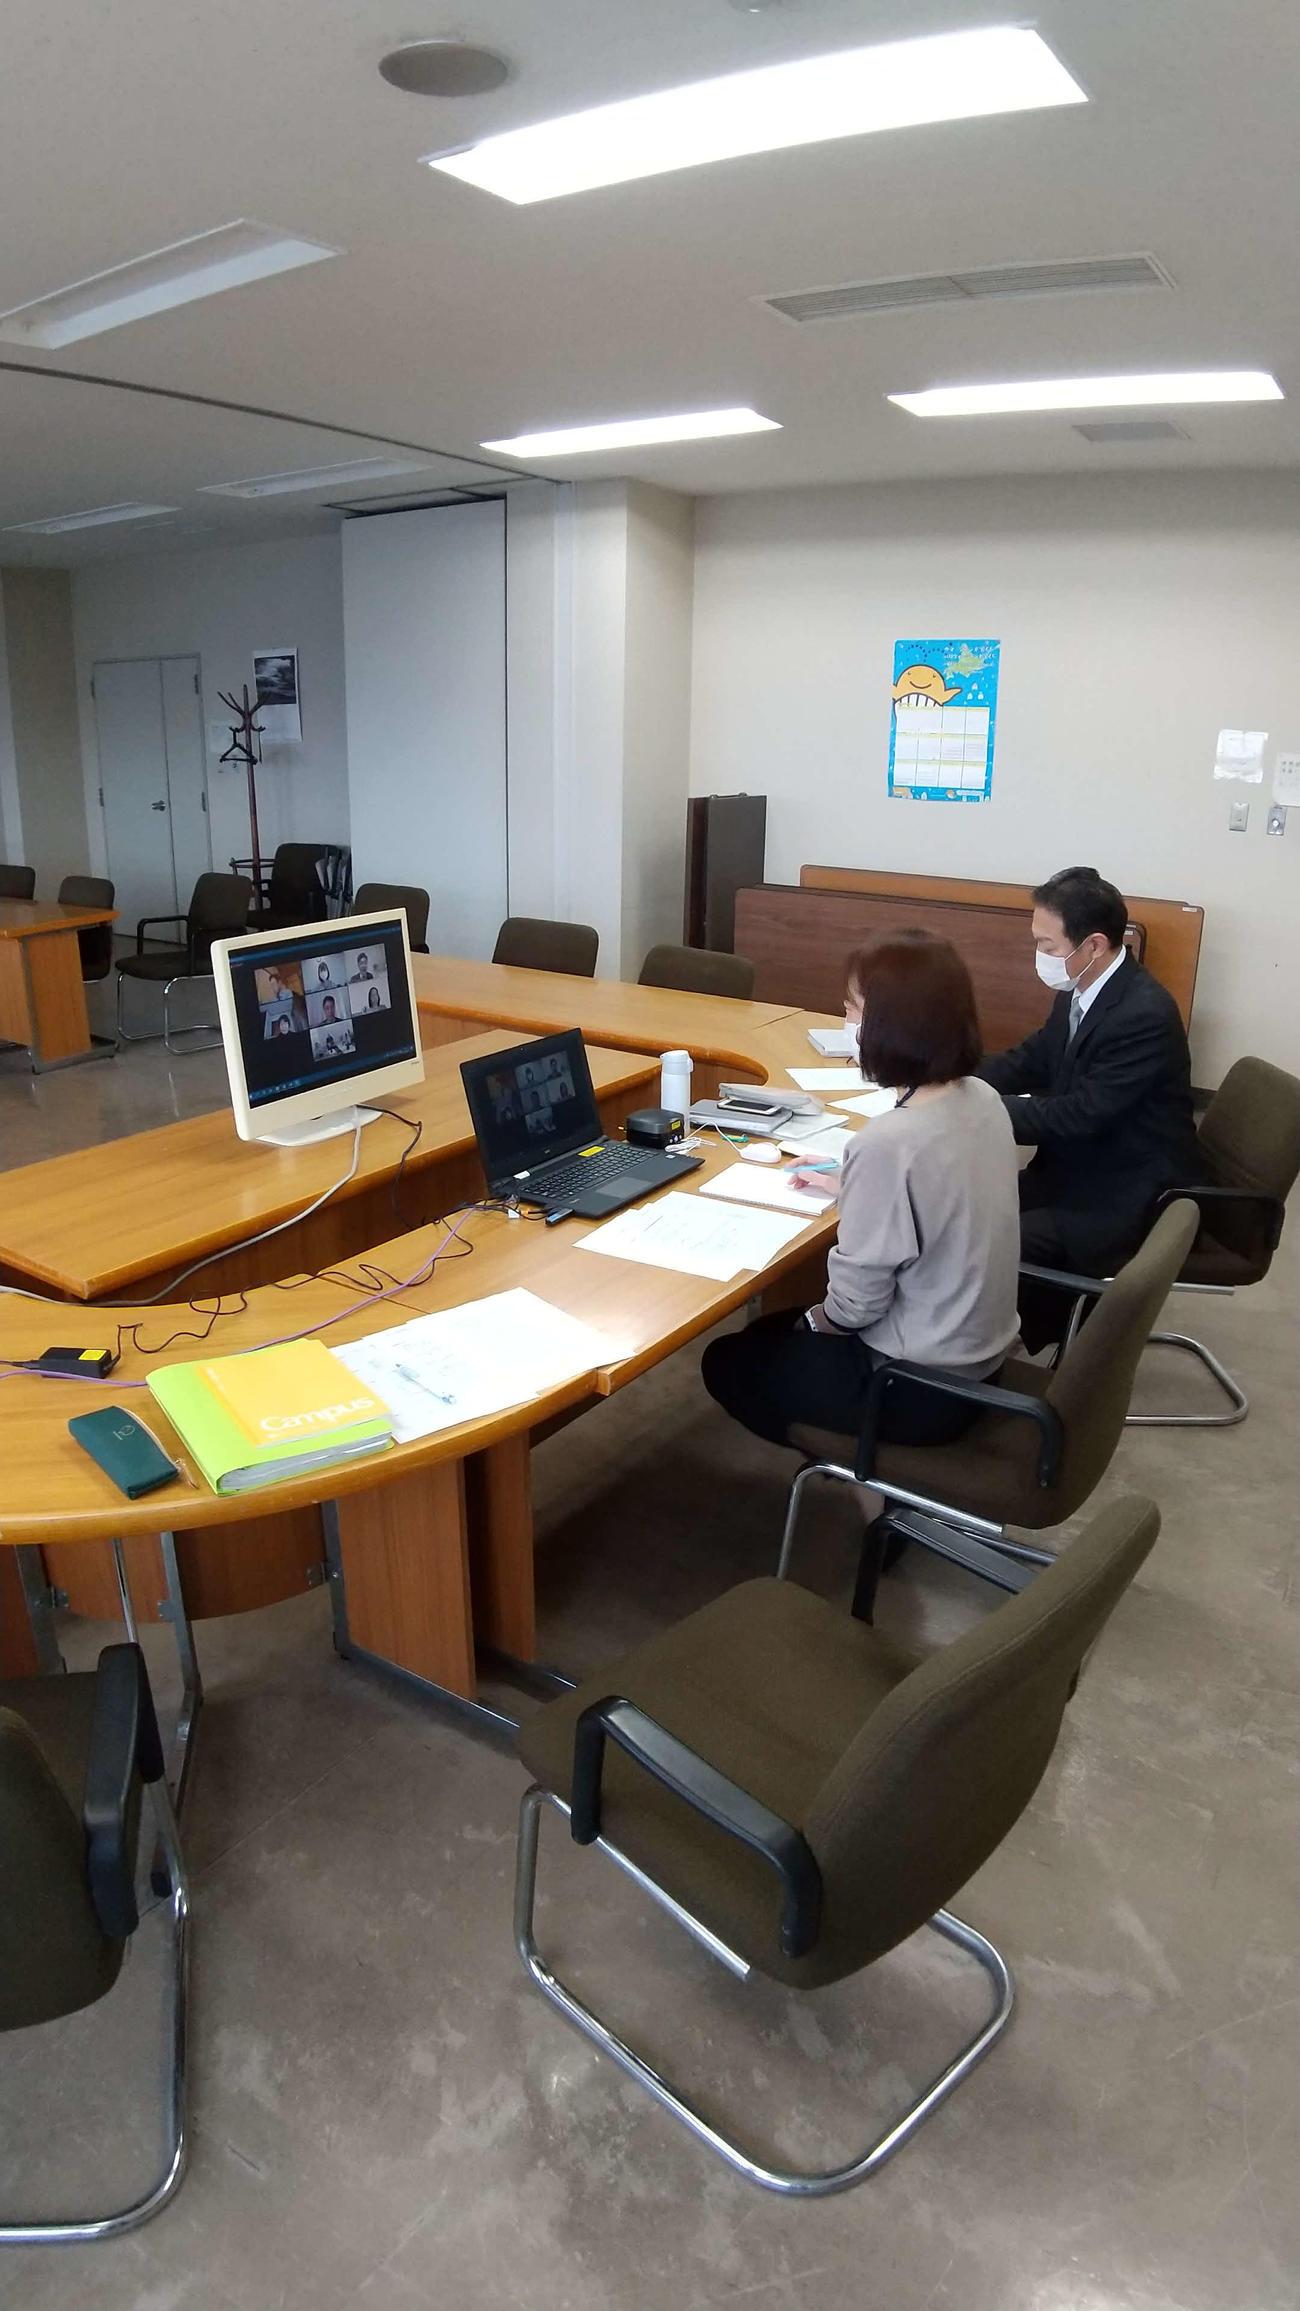 グアテマラ五輪委員会とのオンライン会議を行う恵庭市担当者(恵庭市提供)